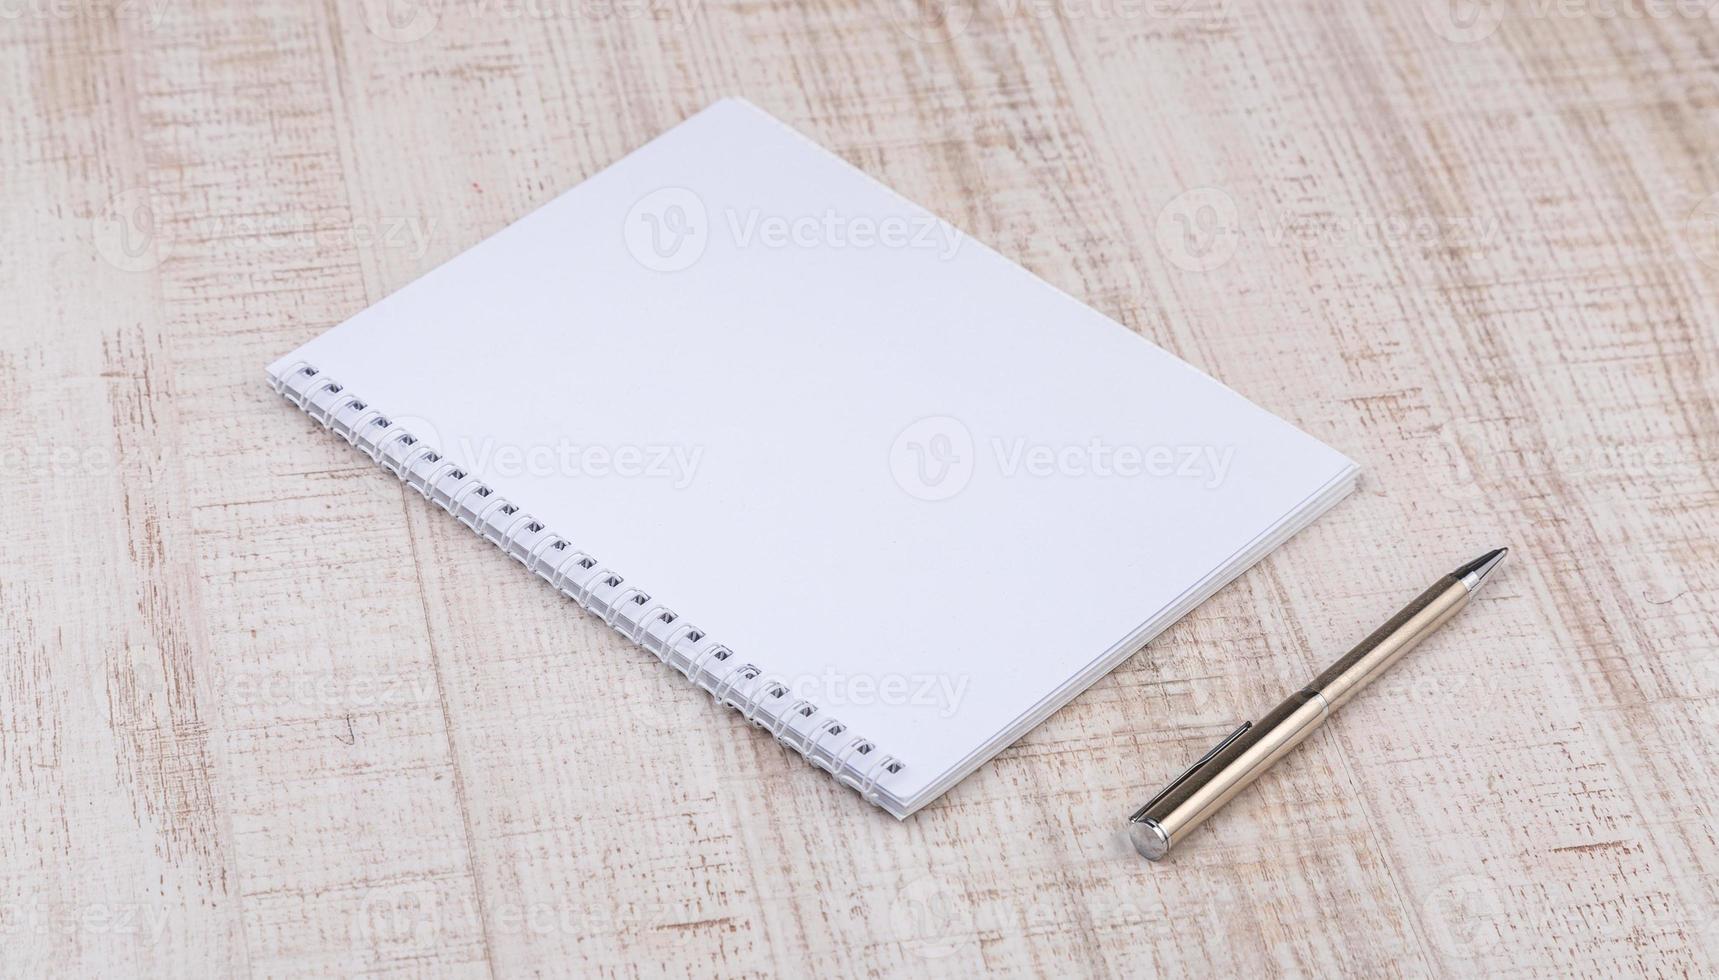 cahier blanc vierge sur le bureau photo